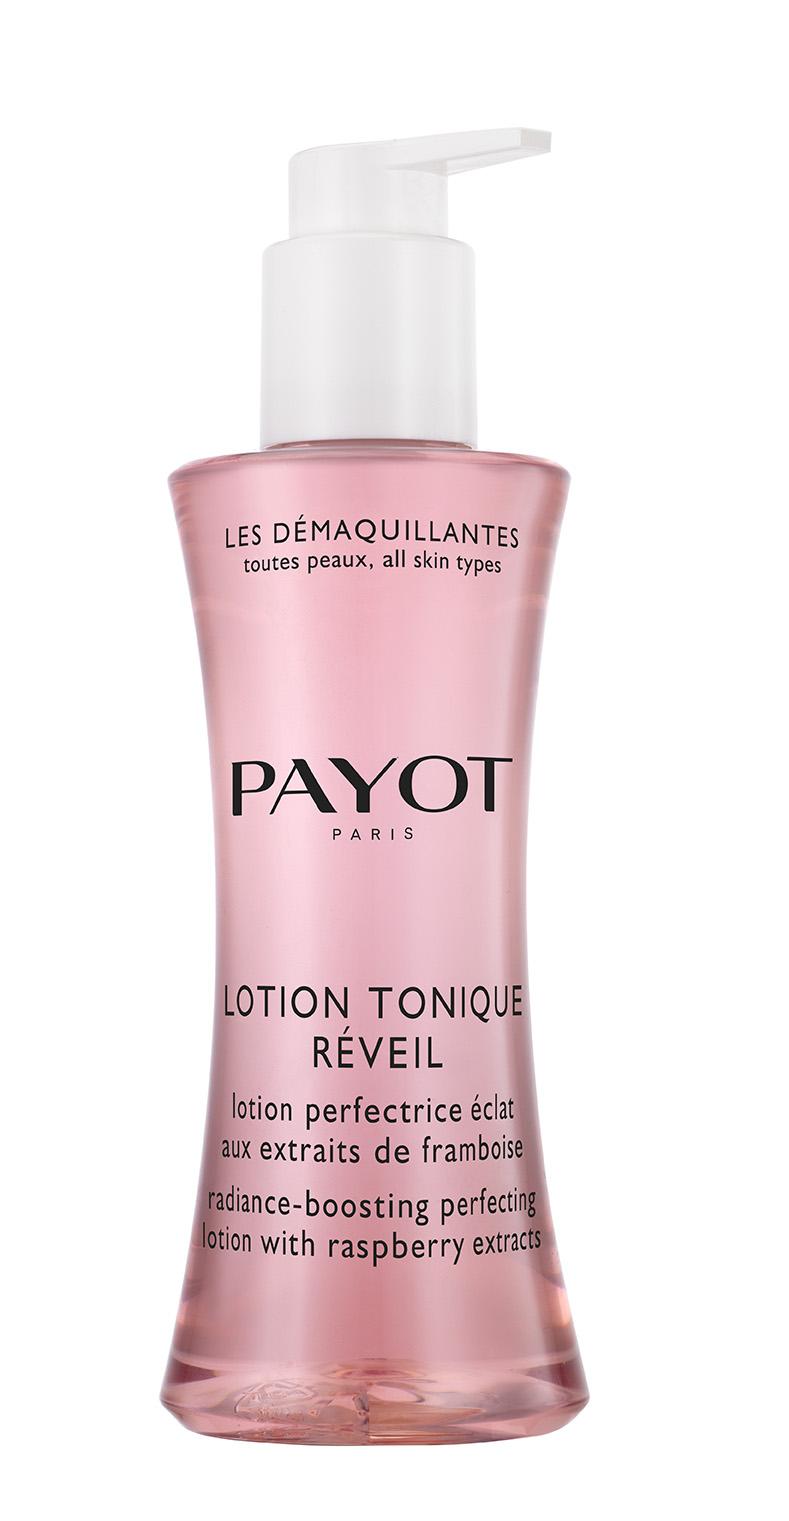 PAYOT Тоник-эксфолиант, усиливающий сияние / LES DMAQUILLANTES 200 мл -  Тоники